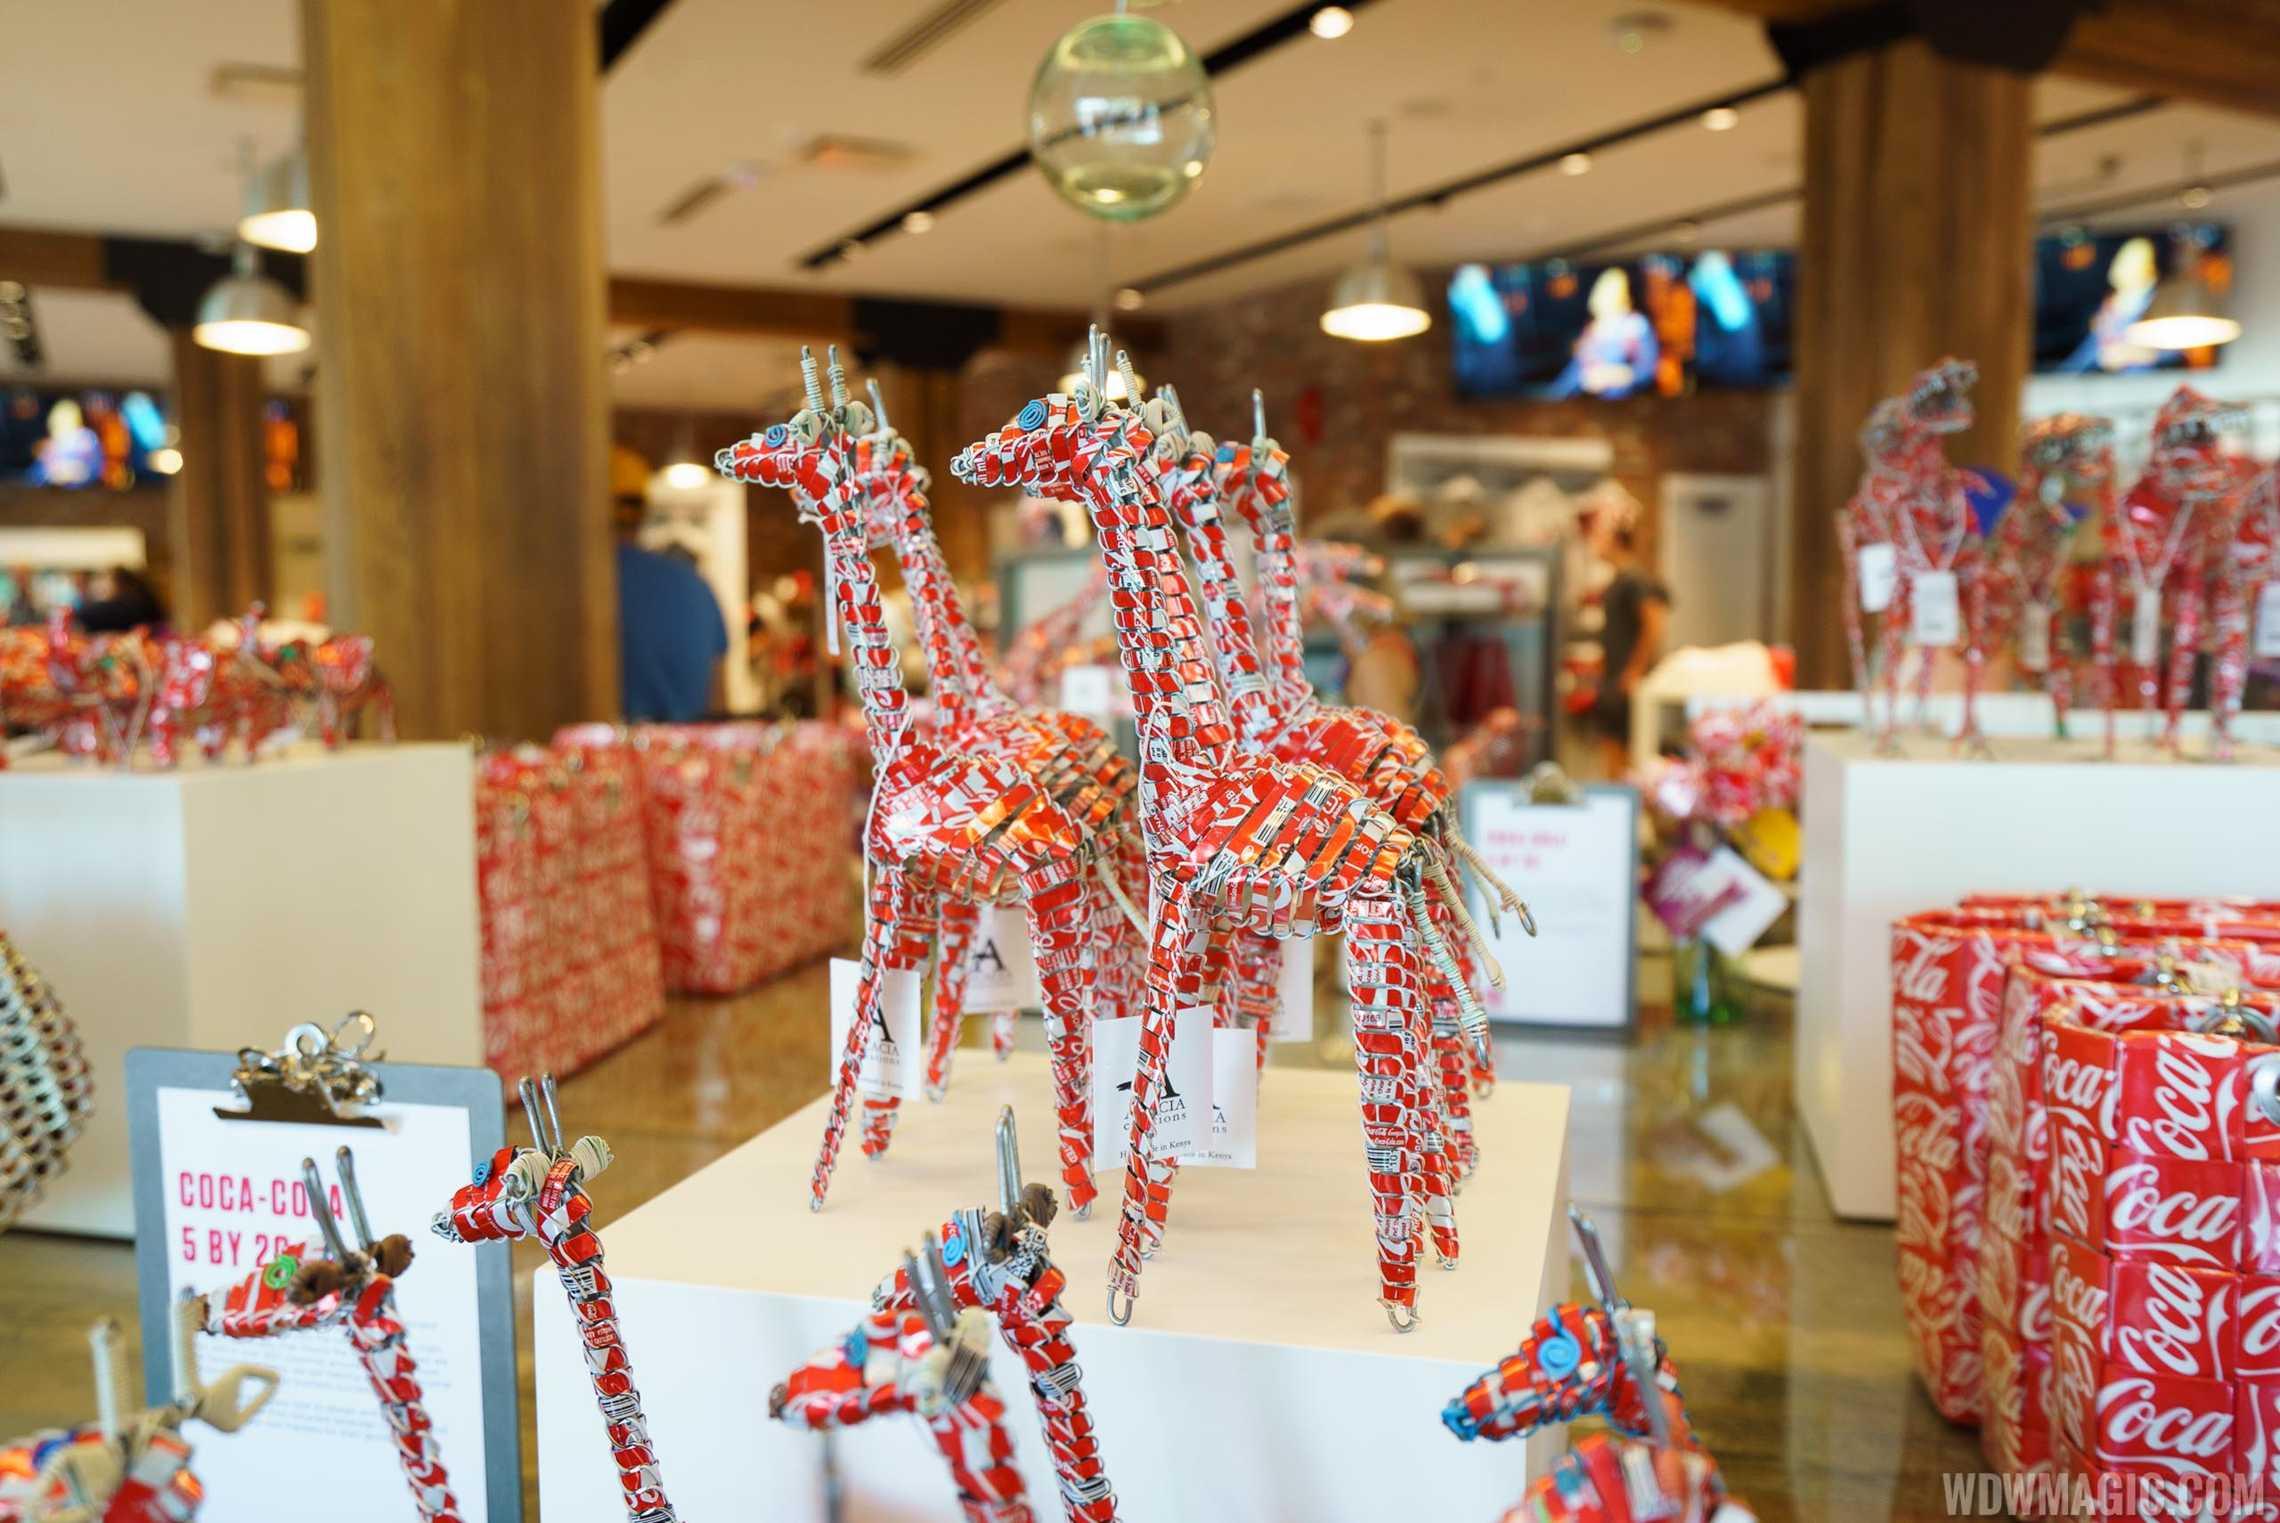 Coca-Cola Store Orlando - 5by20 Collection